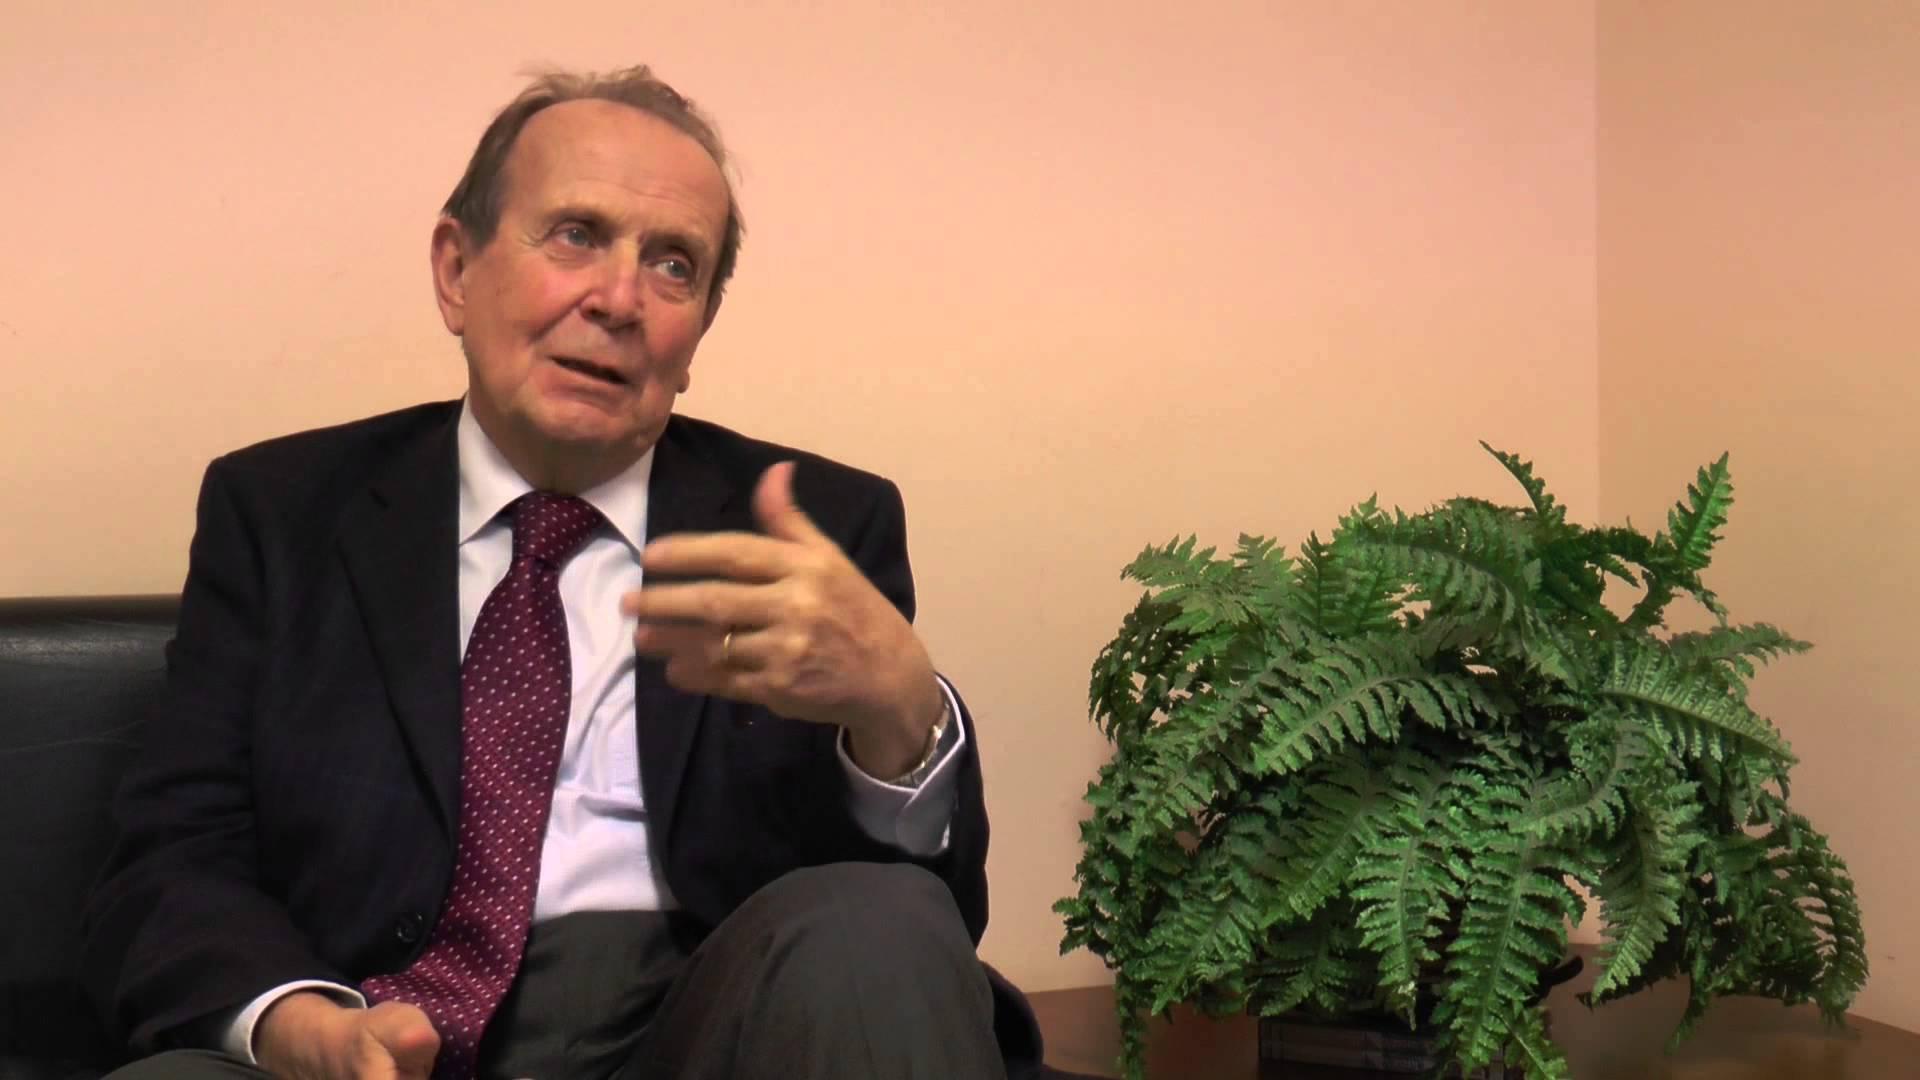 Vittorio Capecchi: E' morto oggi a Bologna l'amico Augusto Palmonari